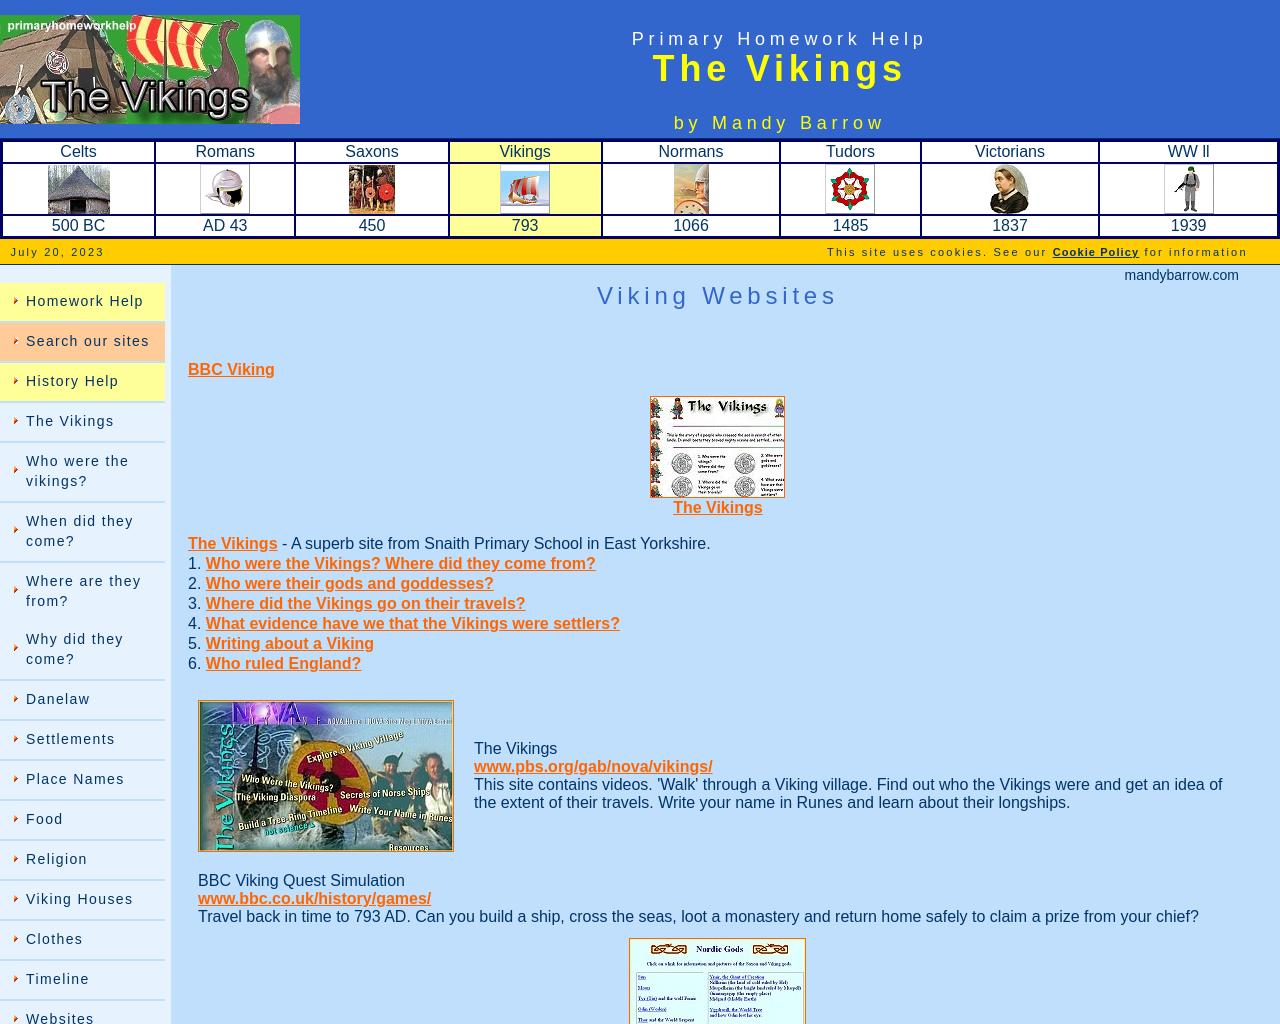 Primary Homework - Vikings